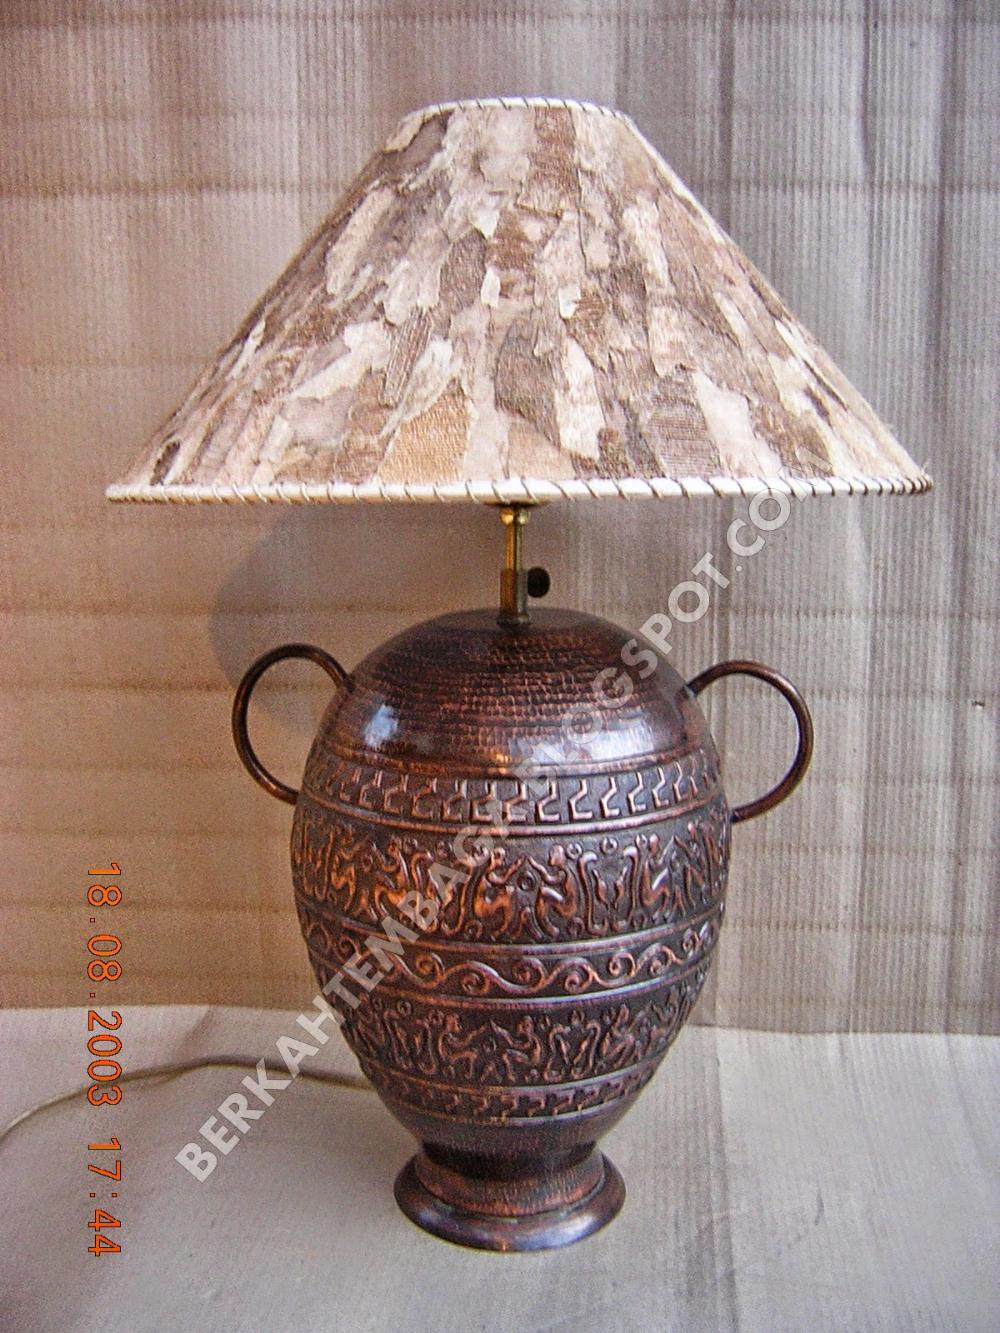 KERAJINAN LAMPU TEMBAGA DAN KUNINGAN Lampu meja, Tembaga